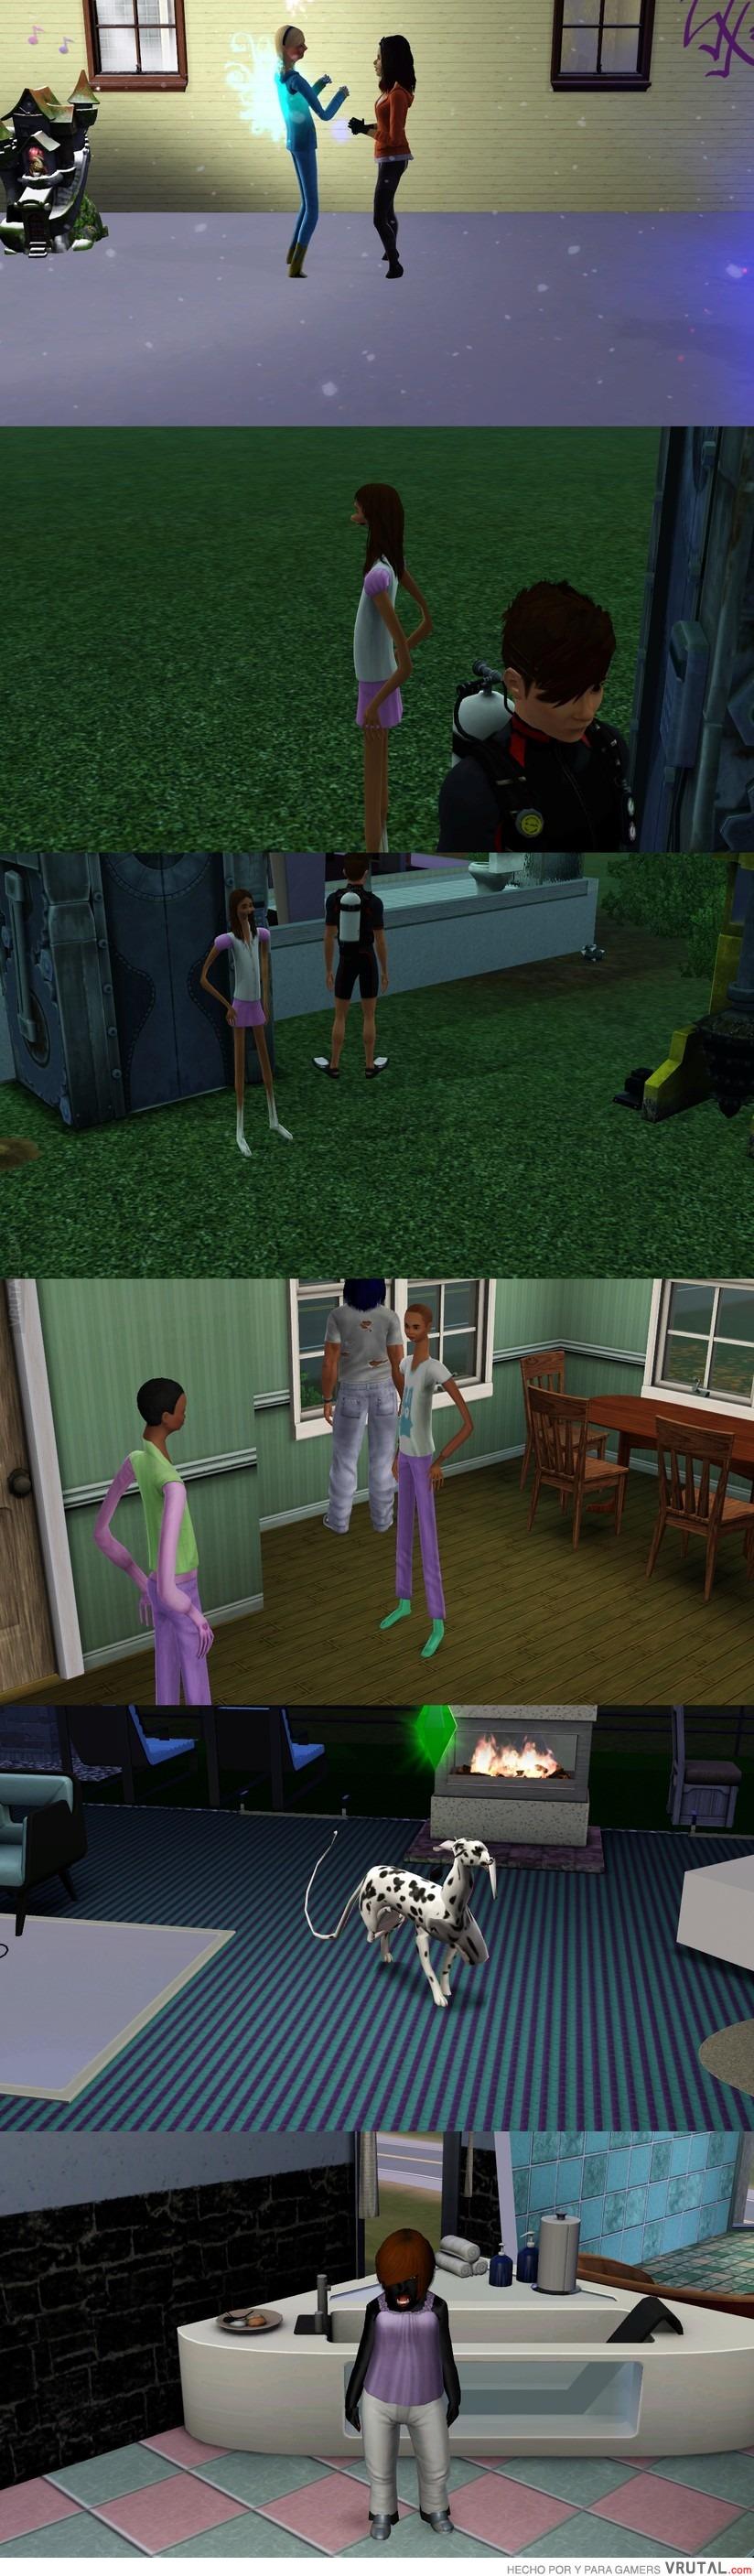 Los Sims, mi juego favorito VRU_84024_engendros_sim